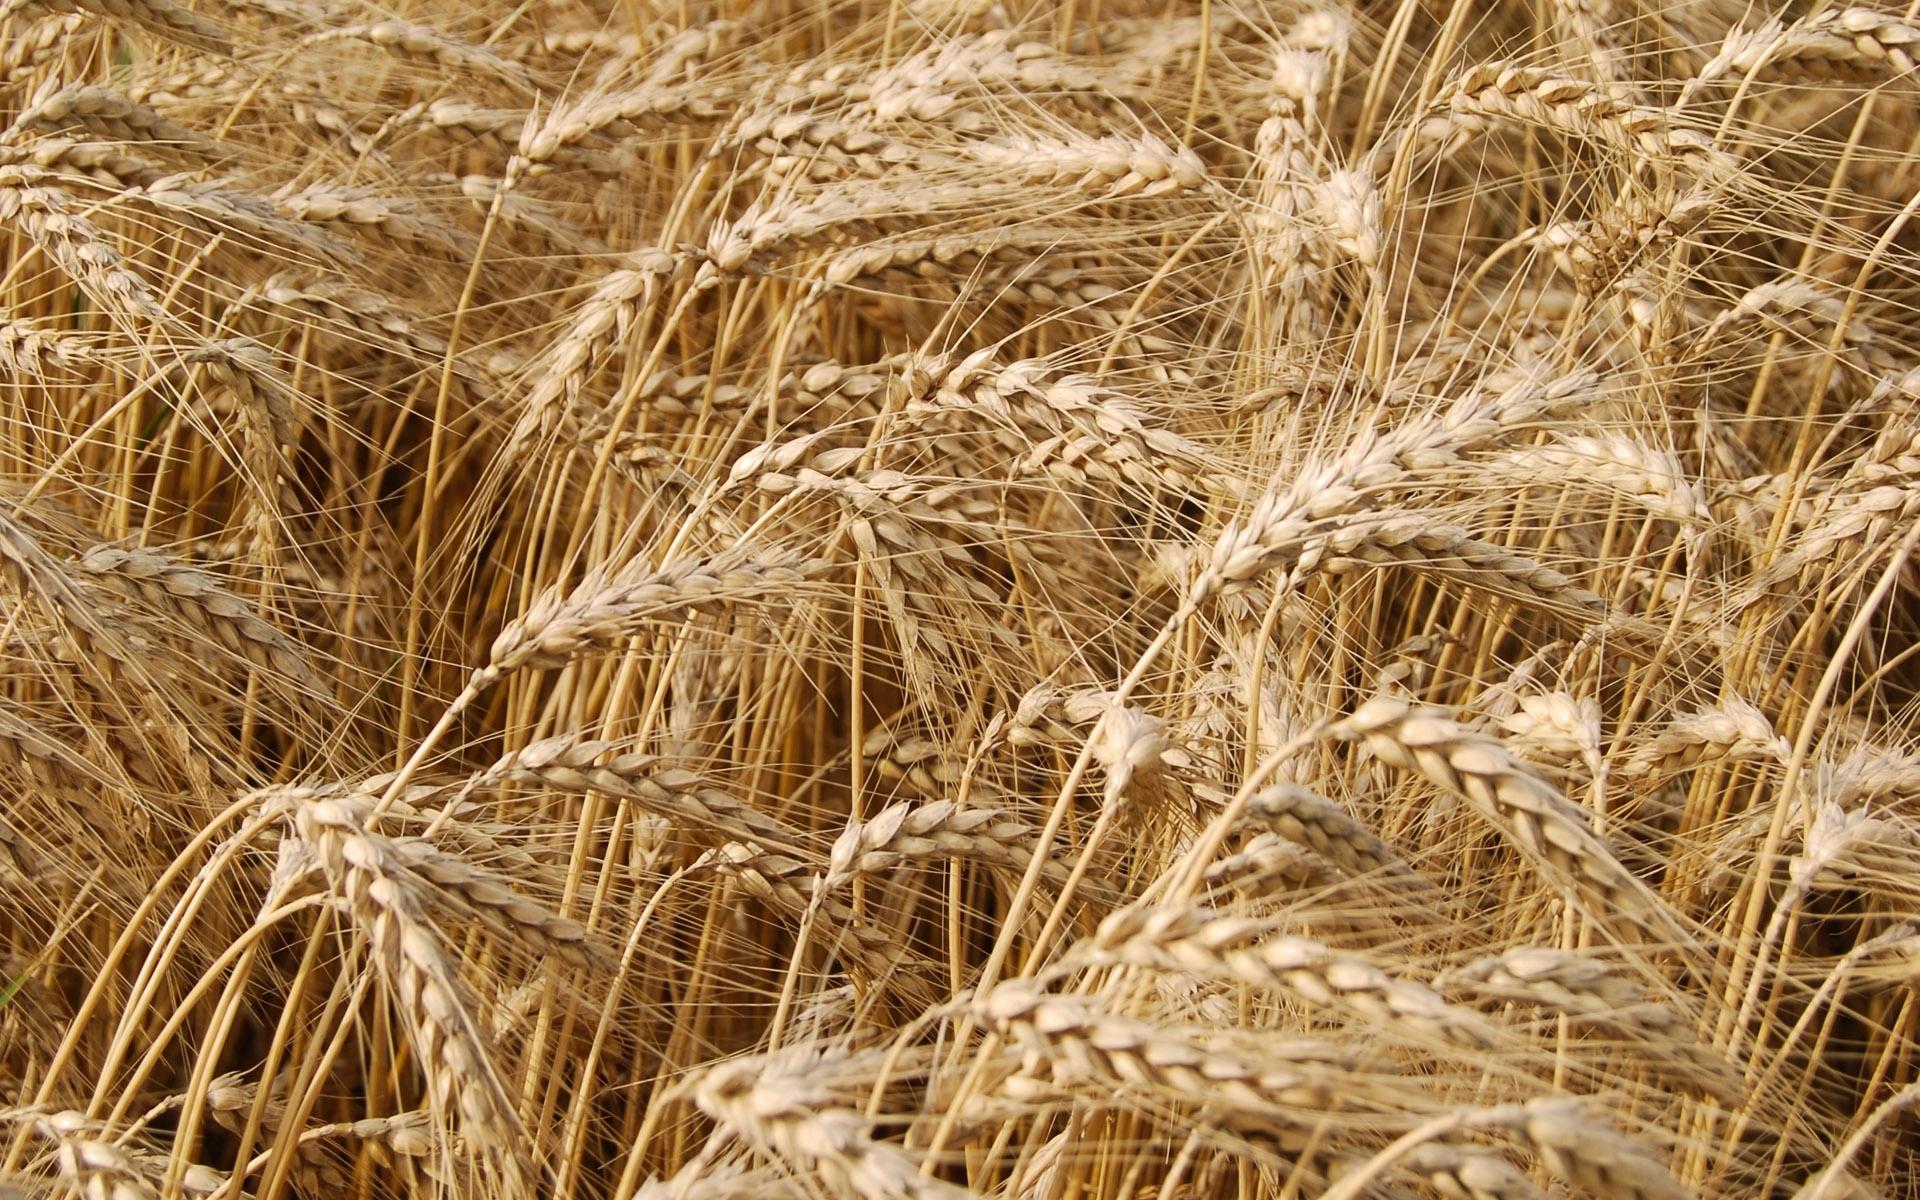 46521 скачать обои Растения, Пшеница - заставки и картинки бесплатно